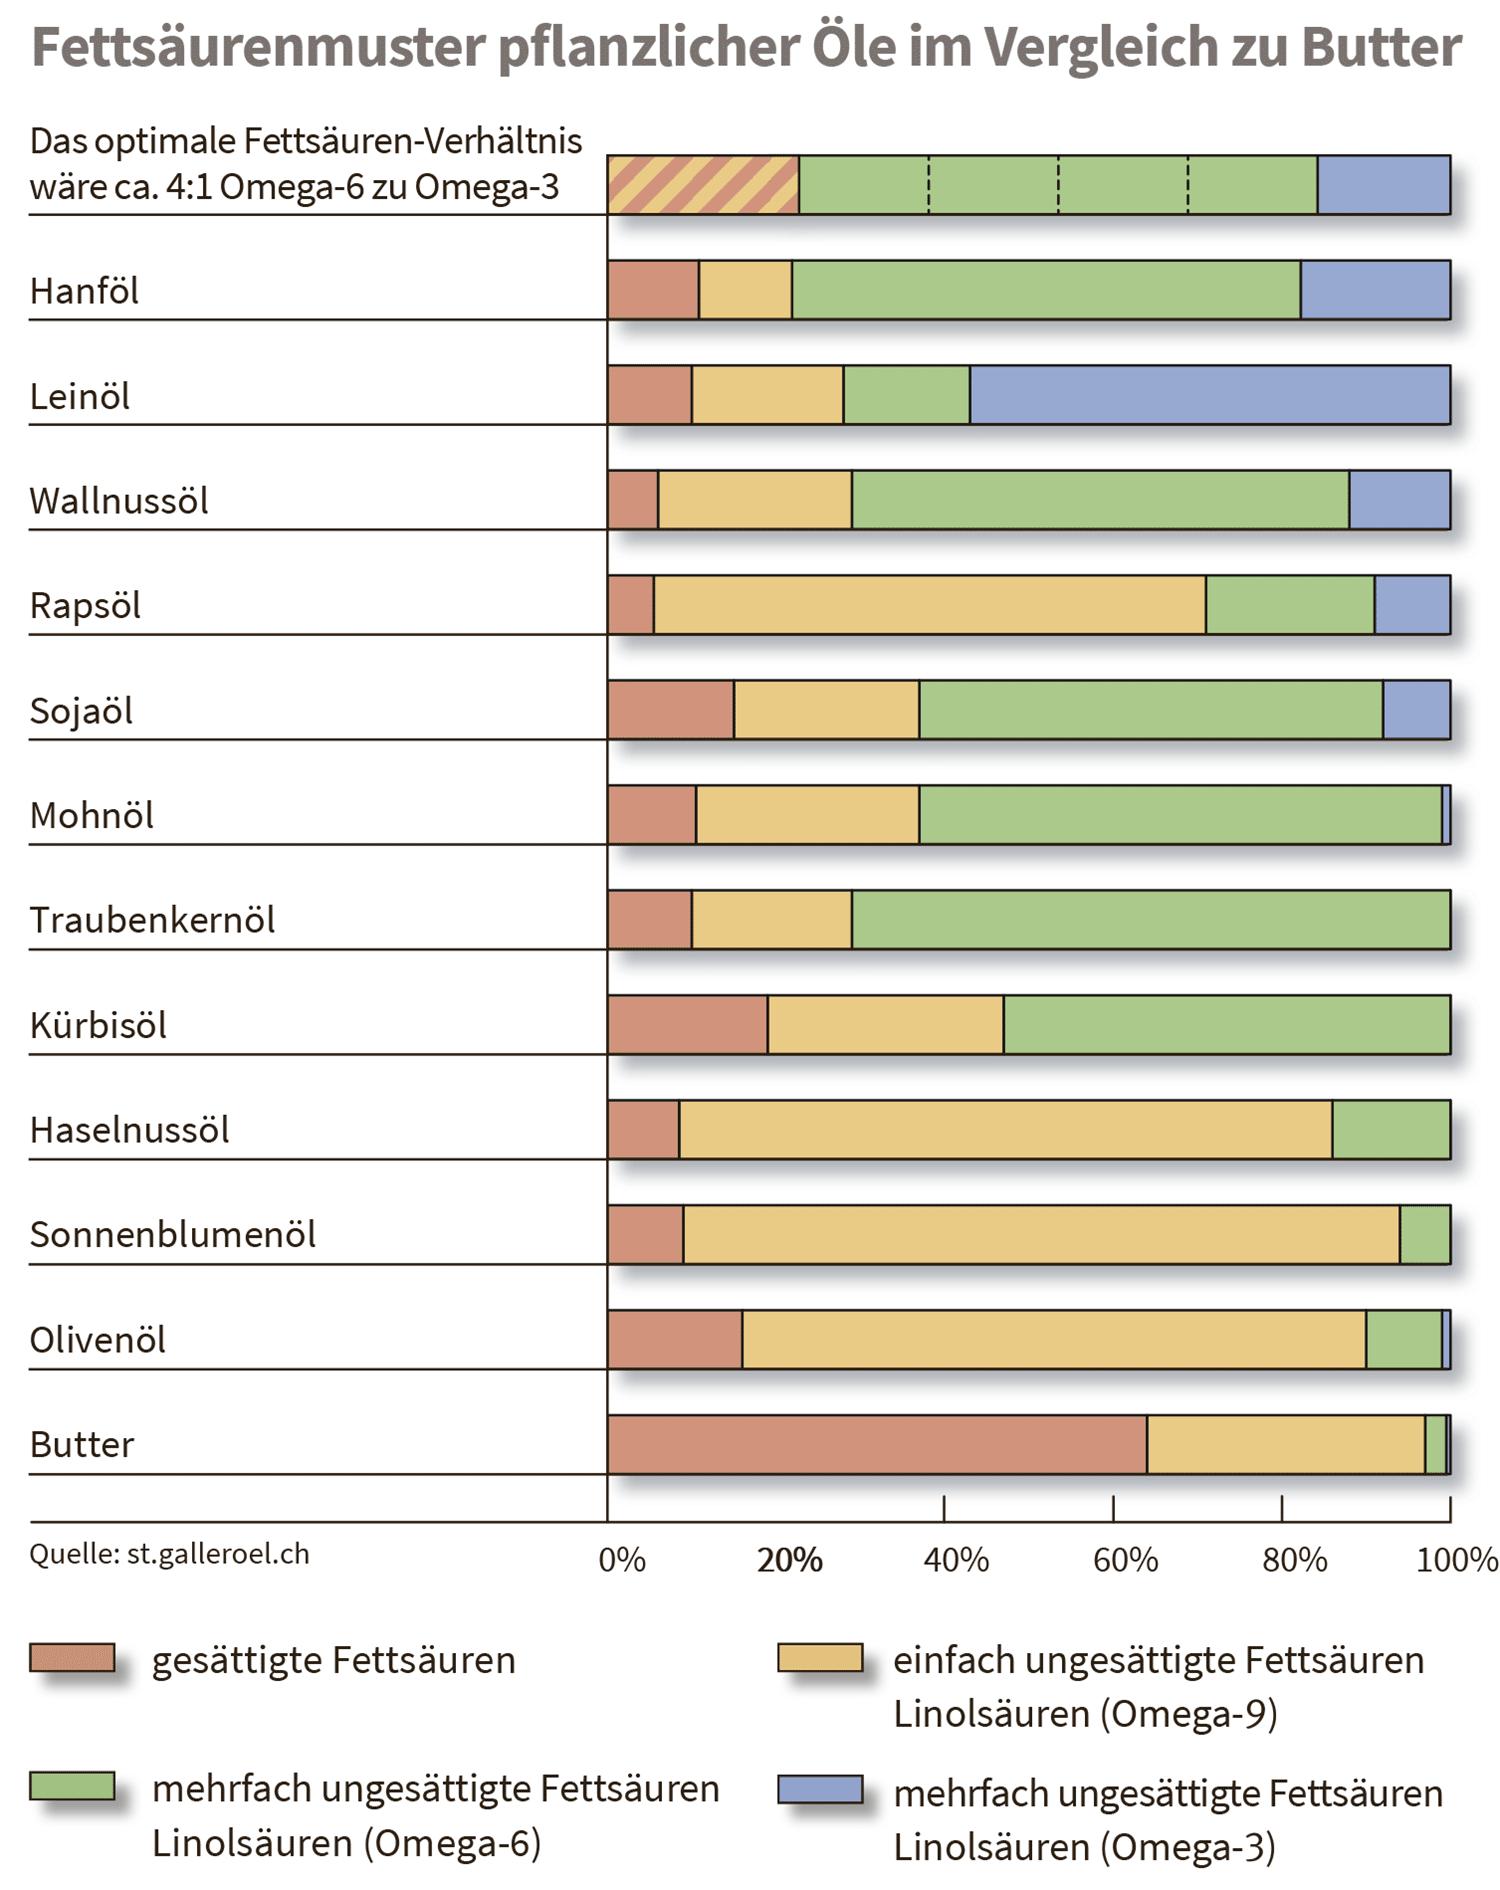 Öl & Fettsäuen Verhältnis